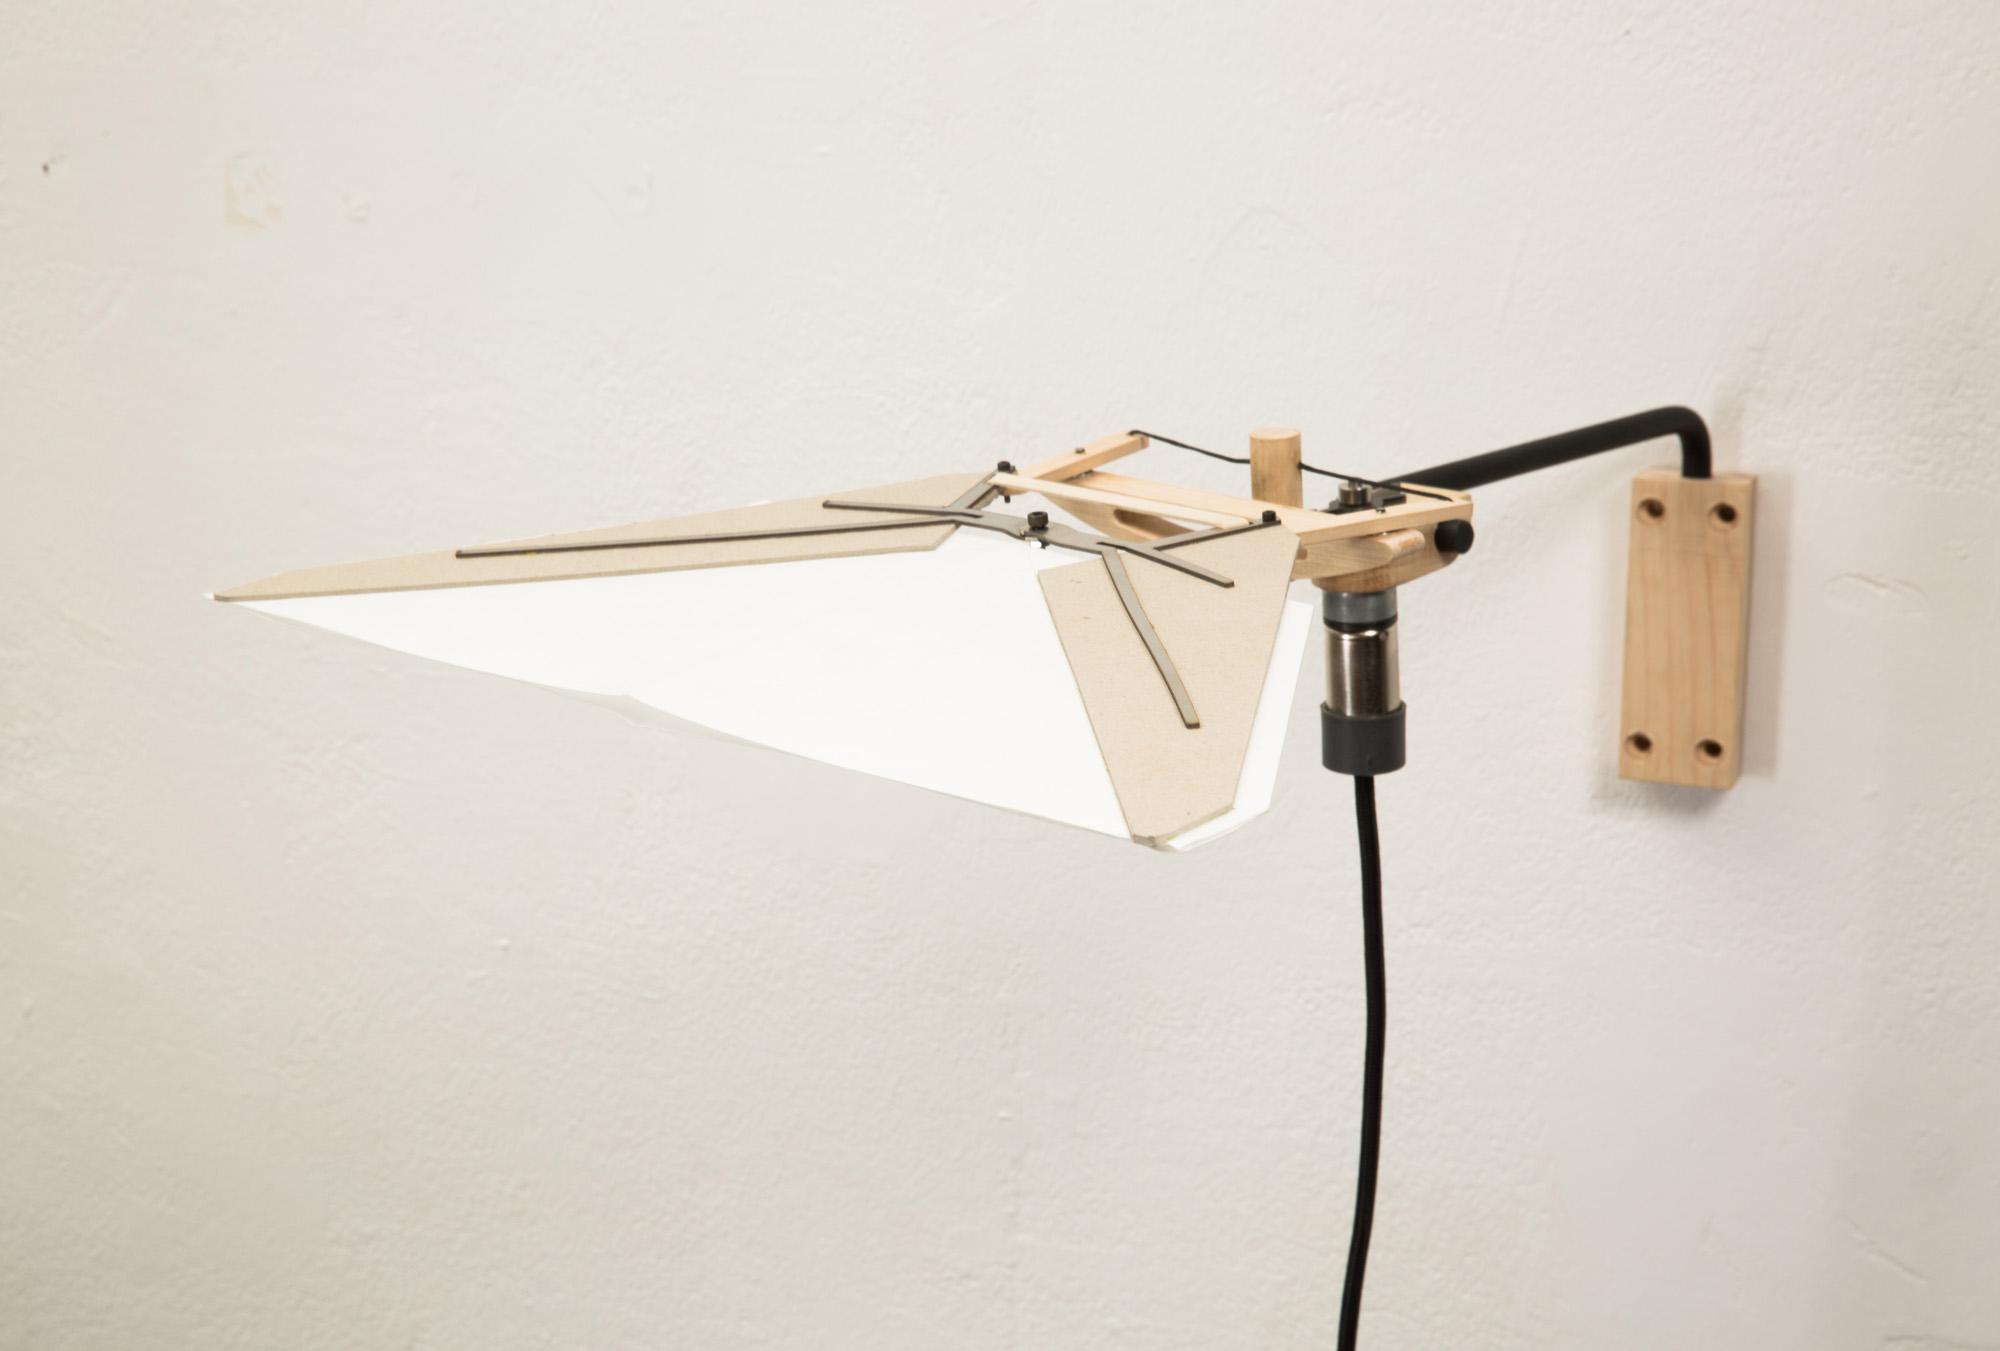 תומר פרנקו - המחלקה לעיצוב תעשייתי, בצלאל - צילום עודד אנטמן